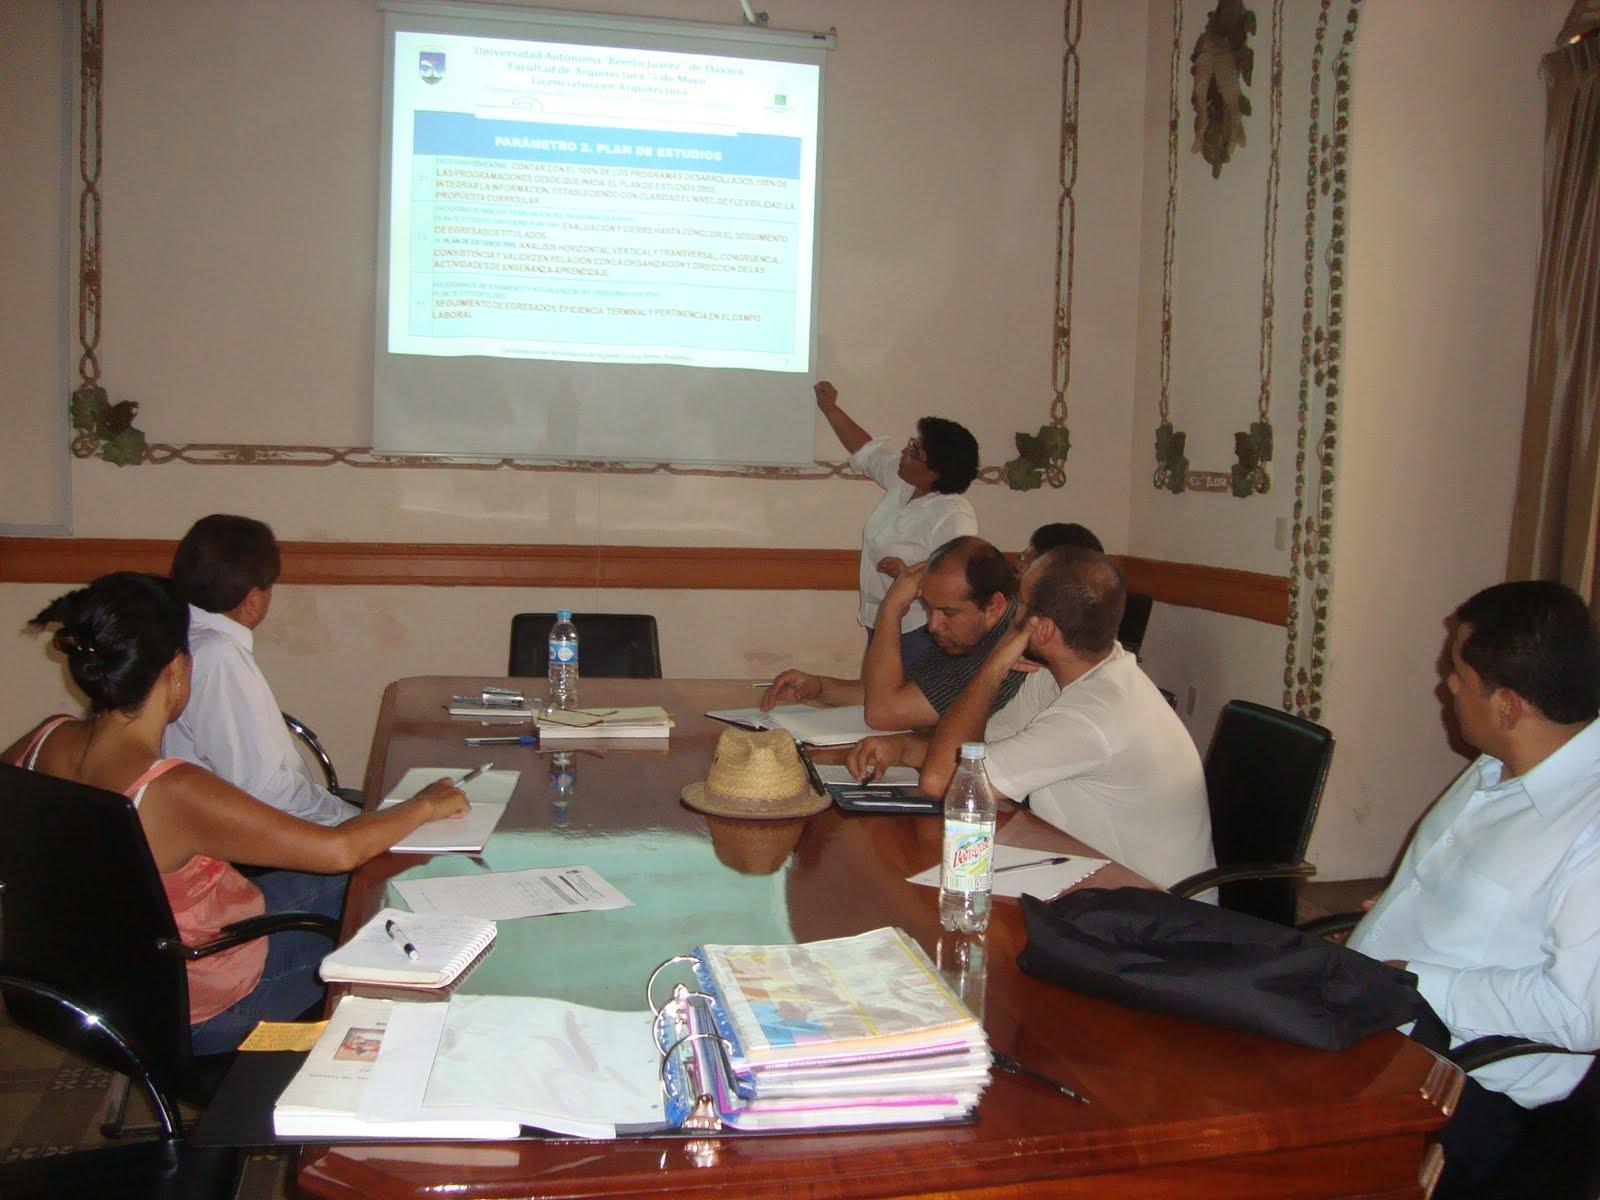 Facultad de arquitectura 5 de mayo de la uabjo reuni n for Arquitectura 5 de mayo plan de estudios